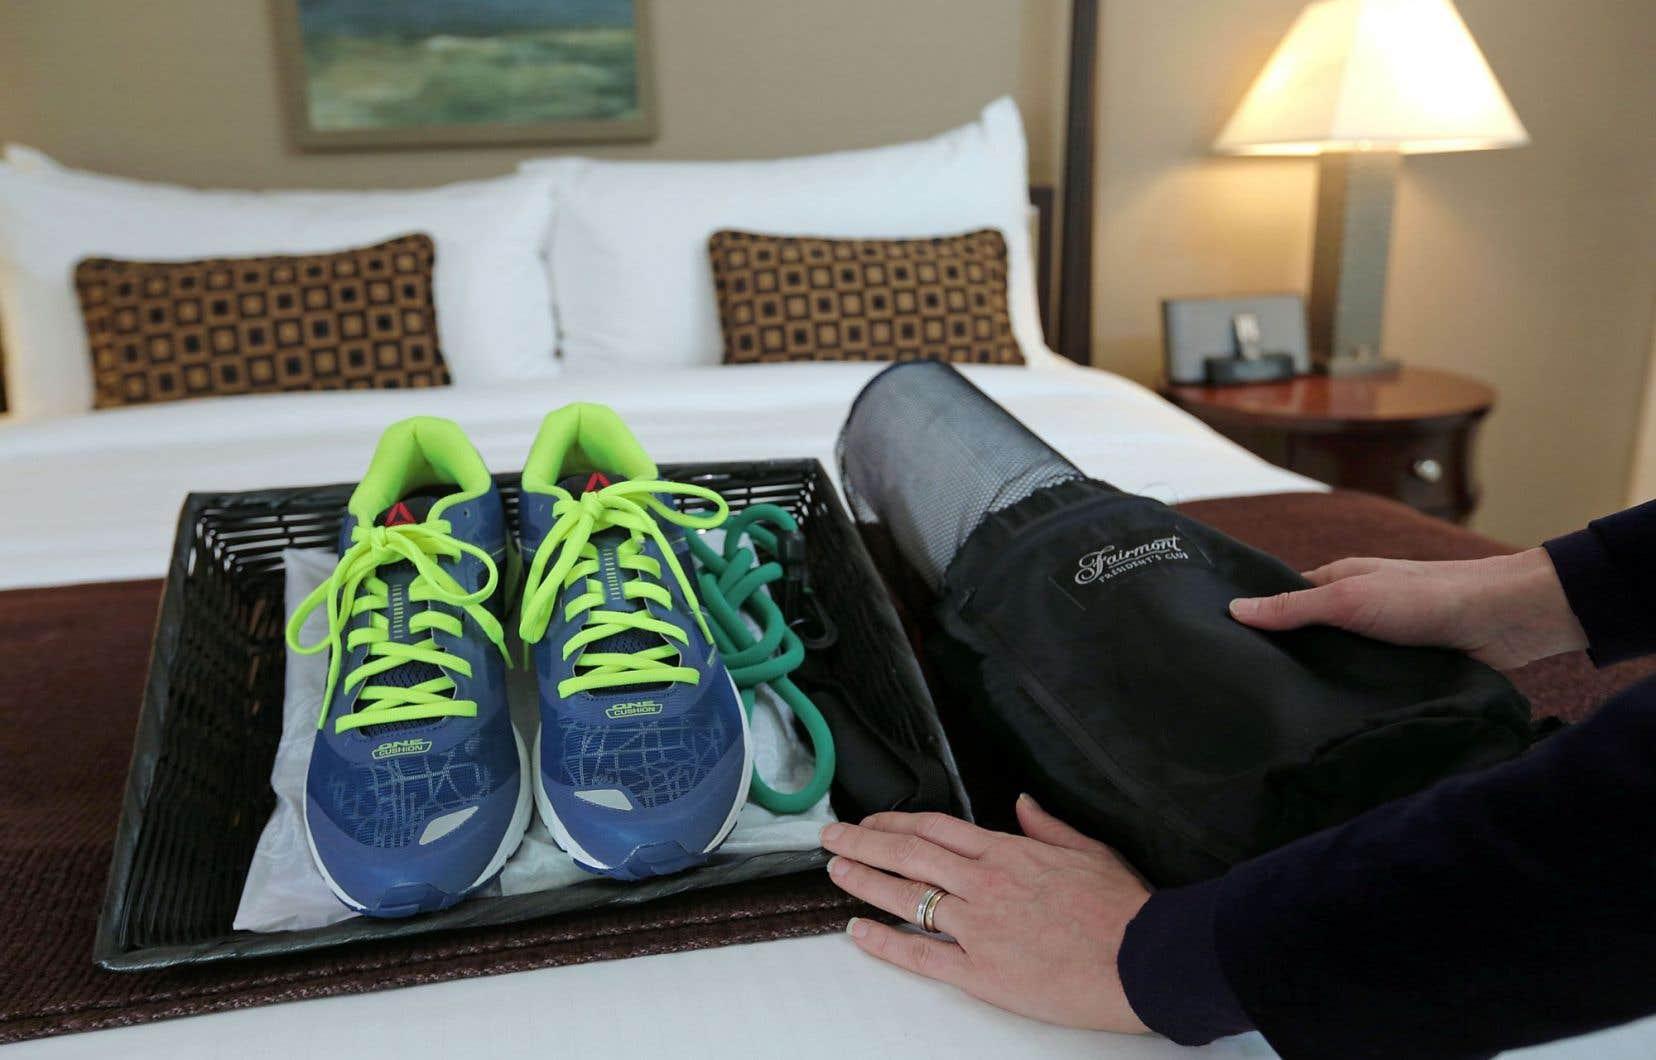 Trouver des chocolats fins sur son oreiller à l'hôtel est sans doute agréable, mais si on est du type actif, on préférera que notre hôtel nous propose des espadrilles…